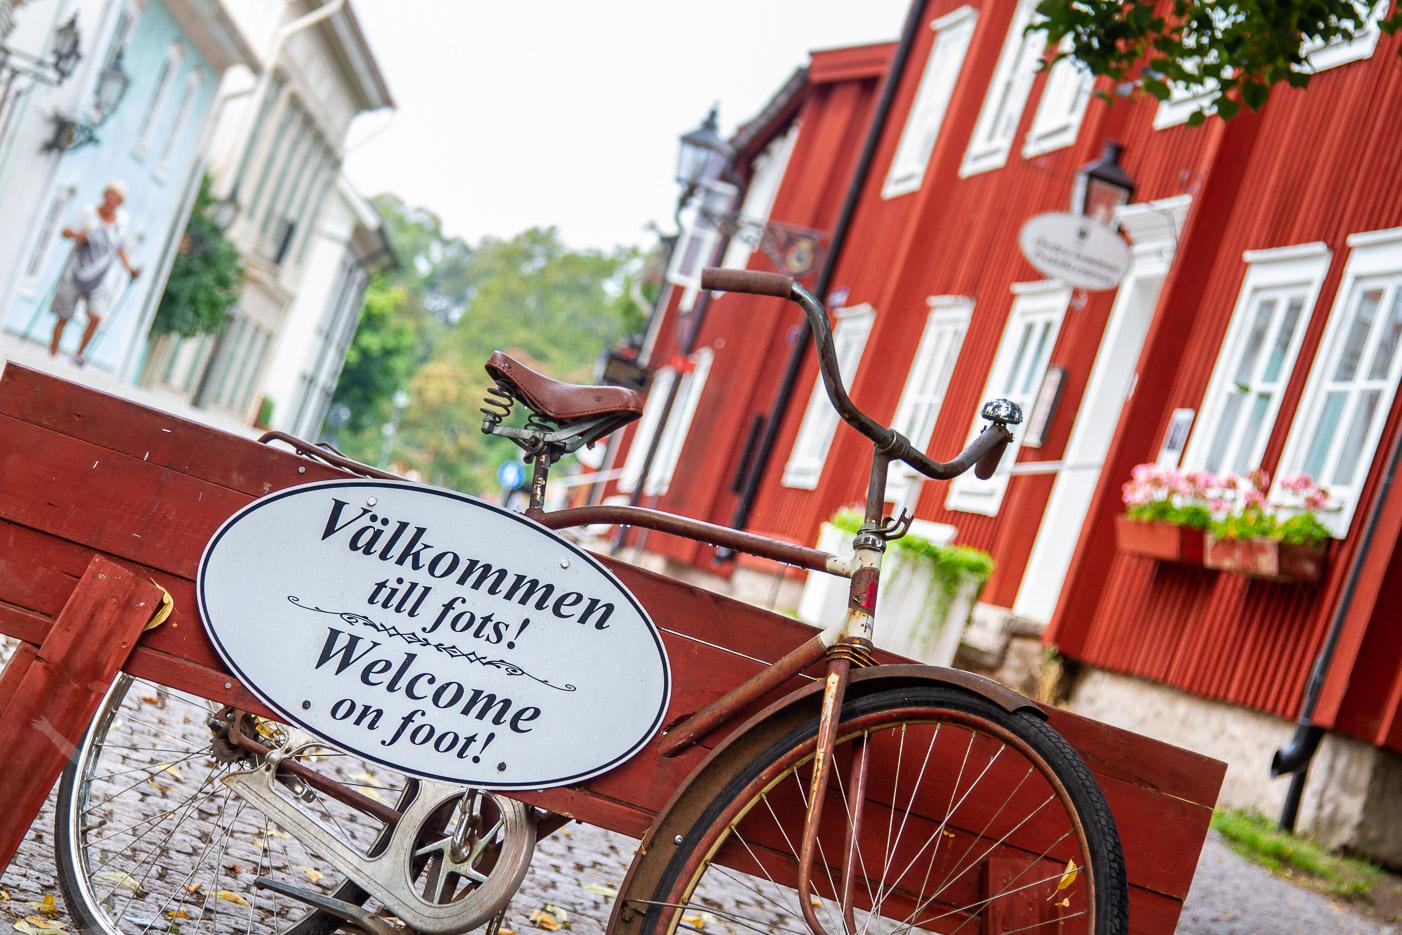 Välkommen till fots i Wadköping